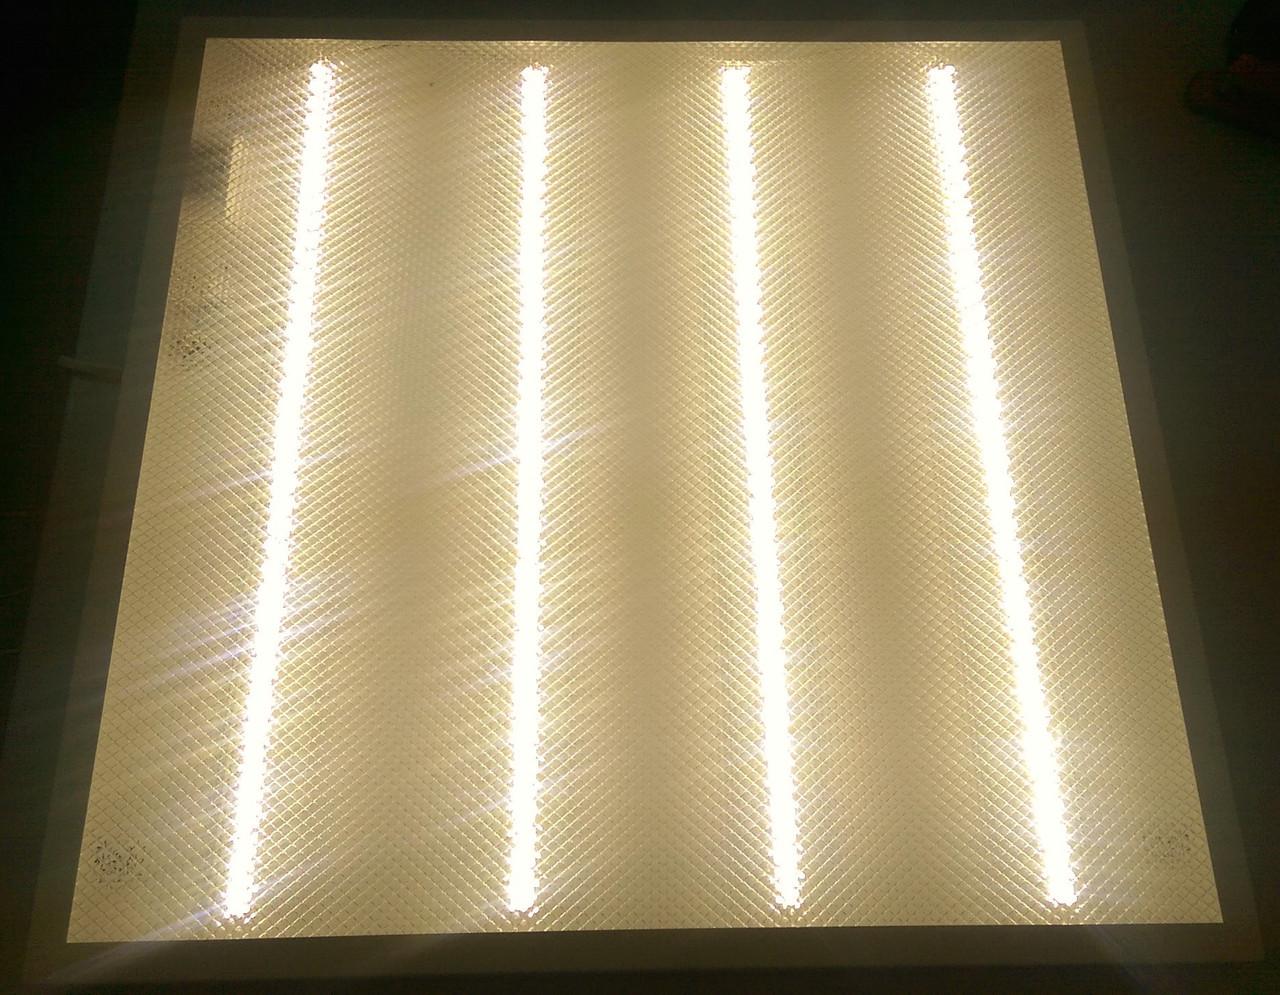 Светодиодная LED панель НАКЛАДНАЯ И ВСТРАИВАЕМАЯ LED-SH-595-20 prismatic 36Вт 4000К 3000Лм